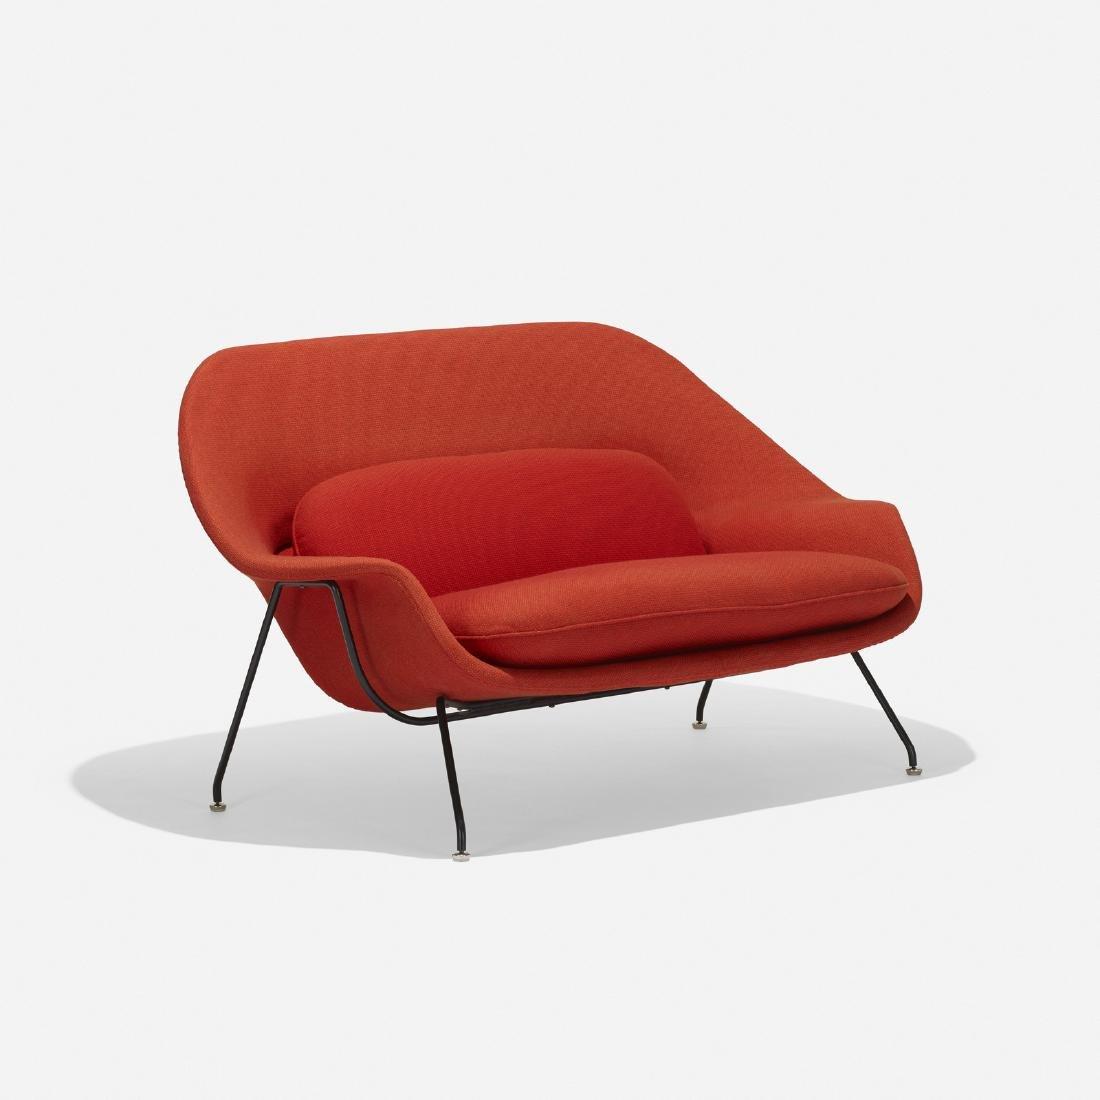 Eero Saarinen, Womb settee